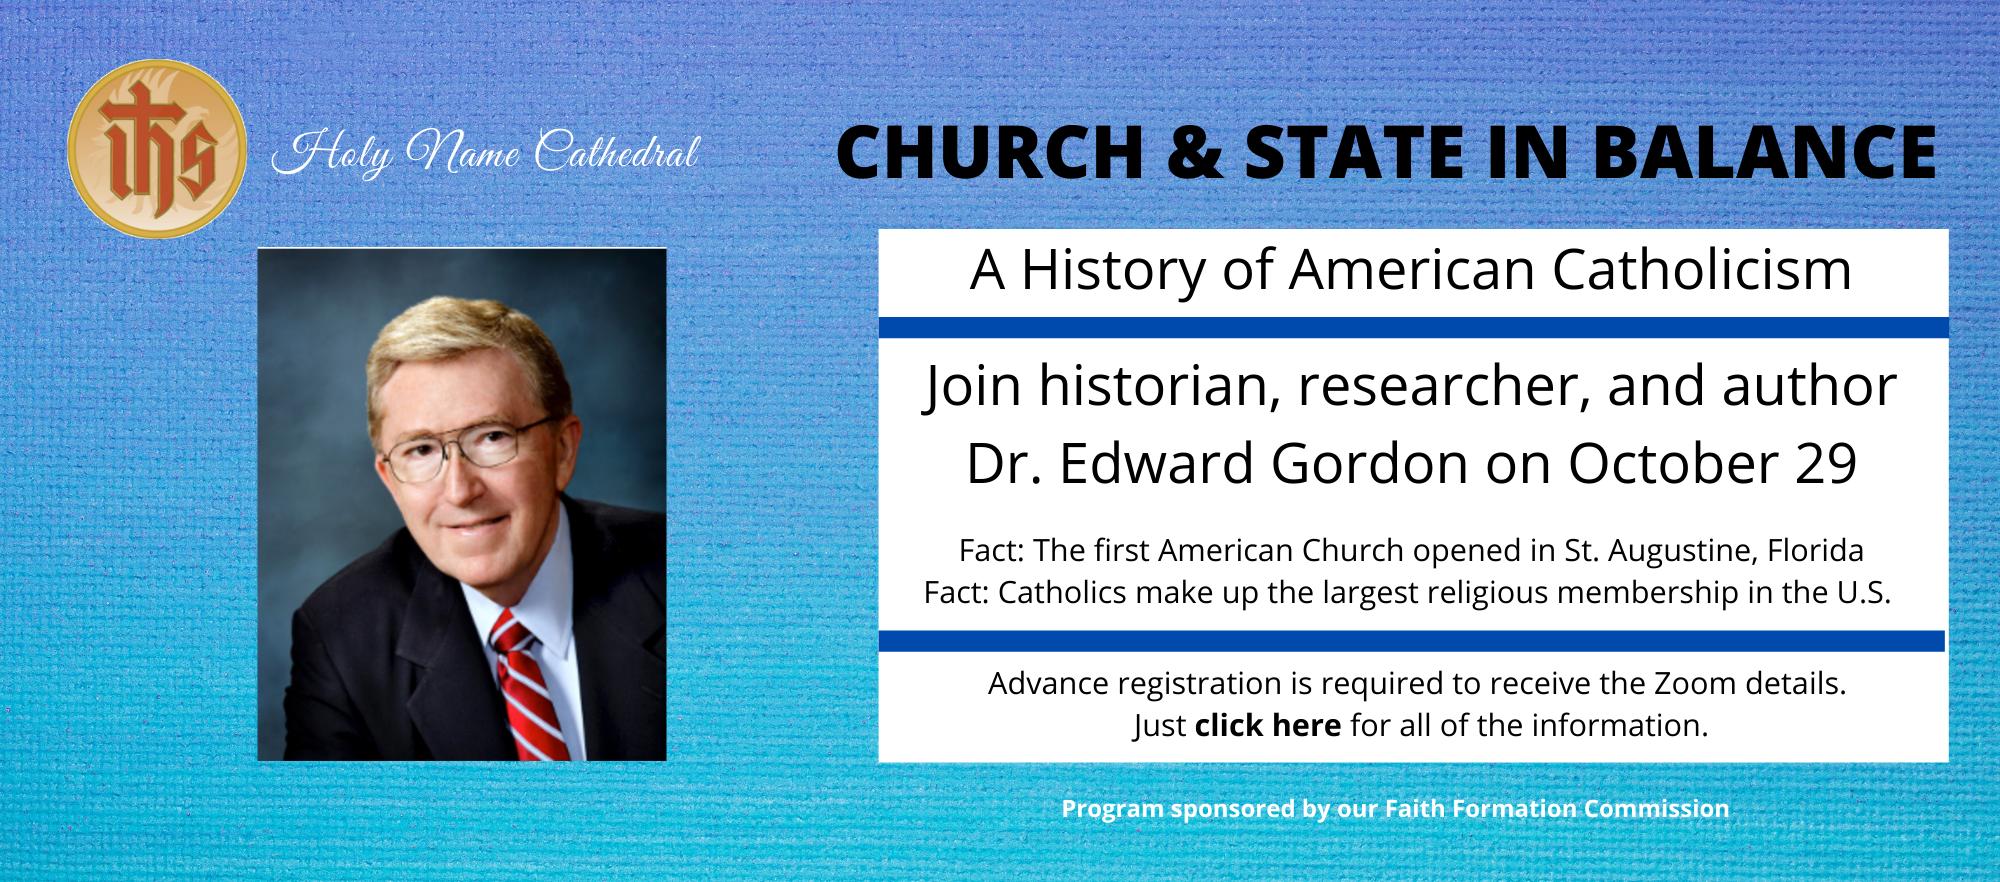 Replacement Slide for Dr. Edward Gordon October 29 Webinar